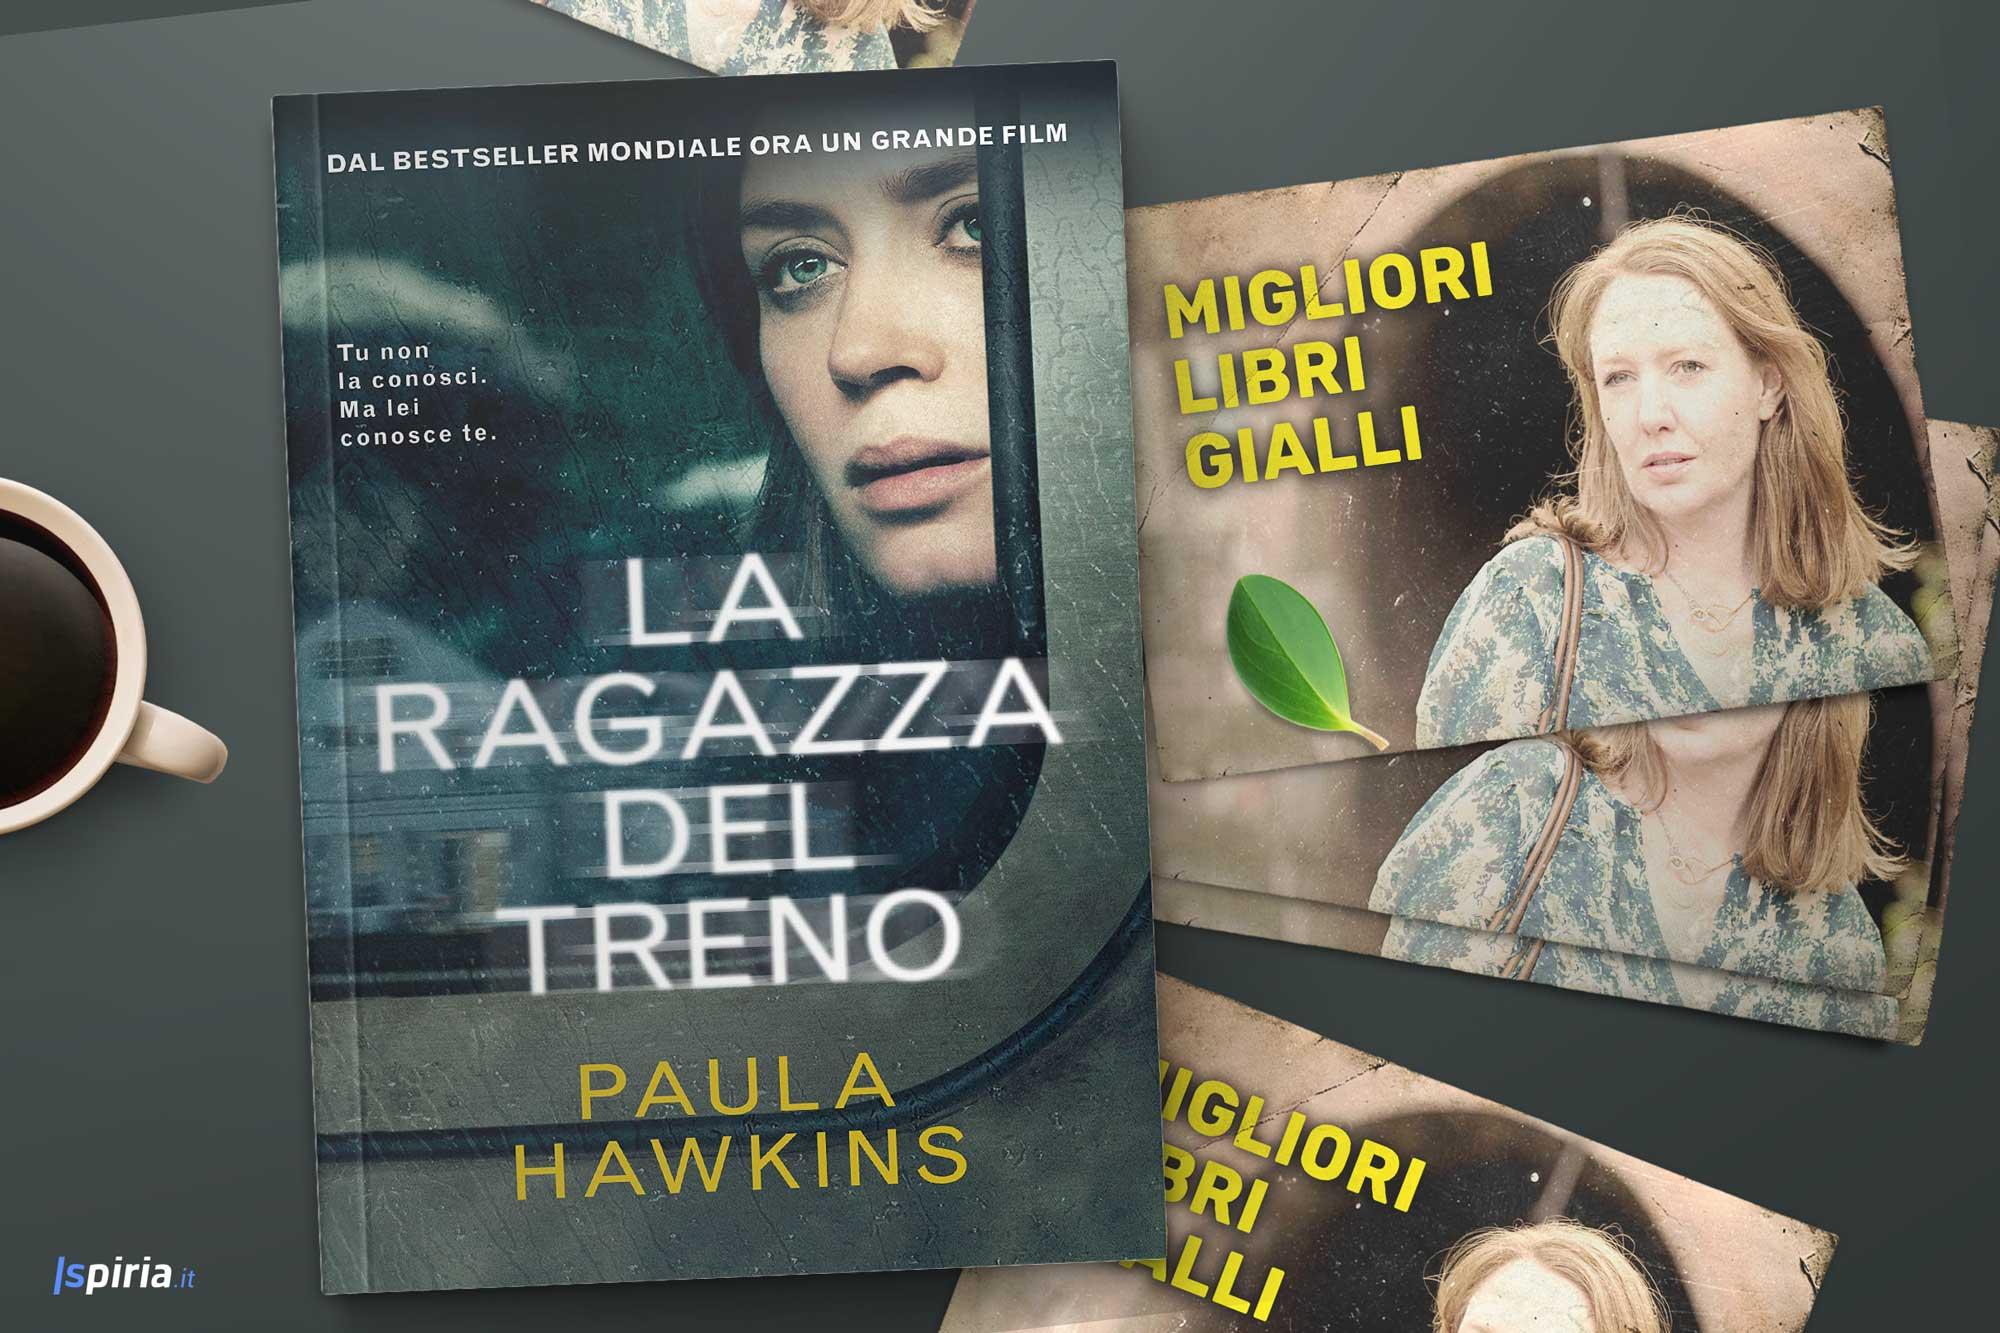 la-ragazza-del-treno-migliori-libri-gialli